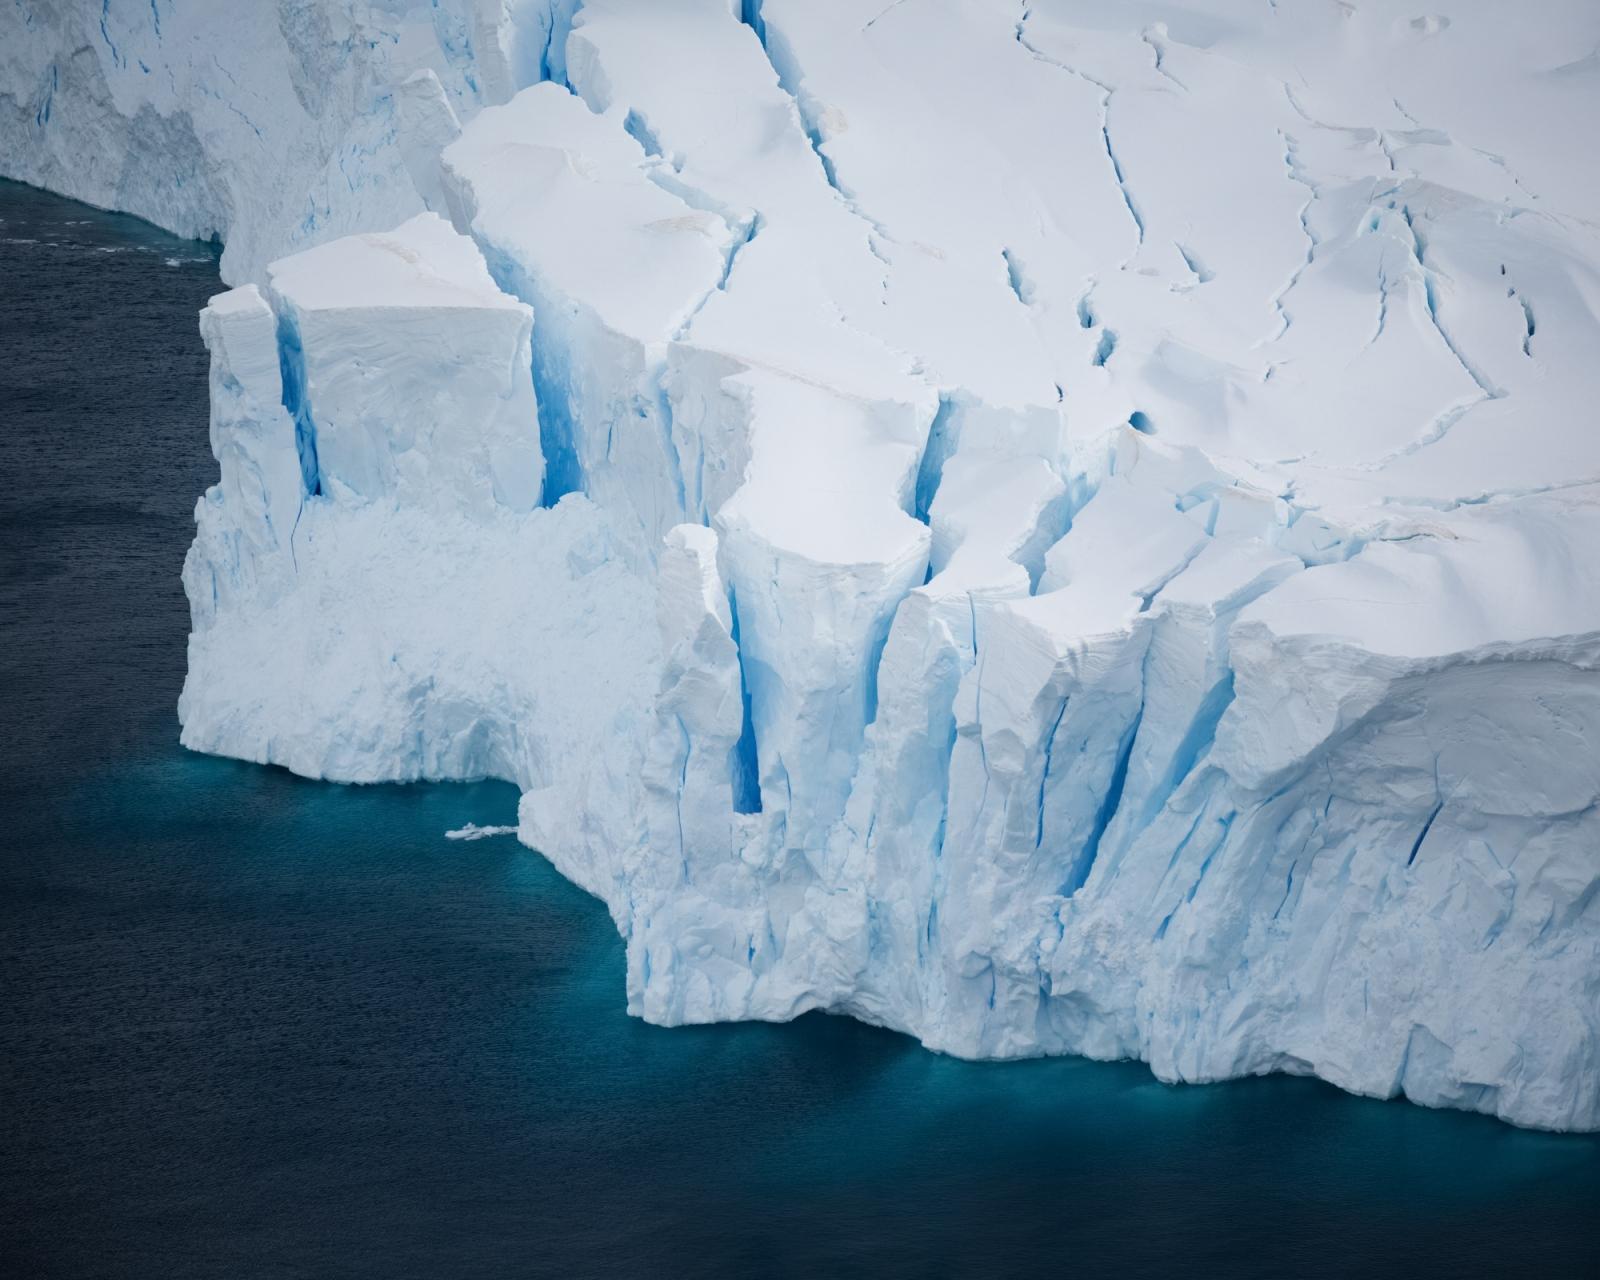 Glacier in Neko Harbour, Antarctica.